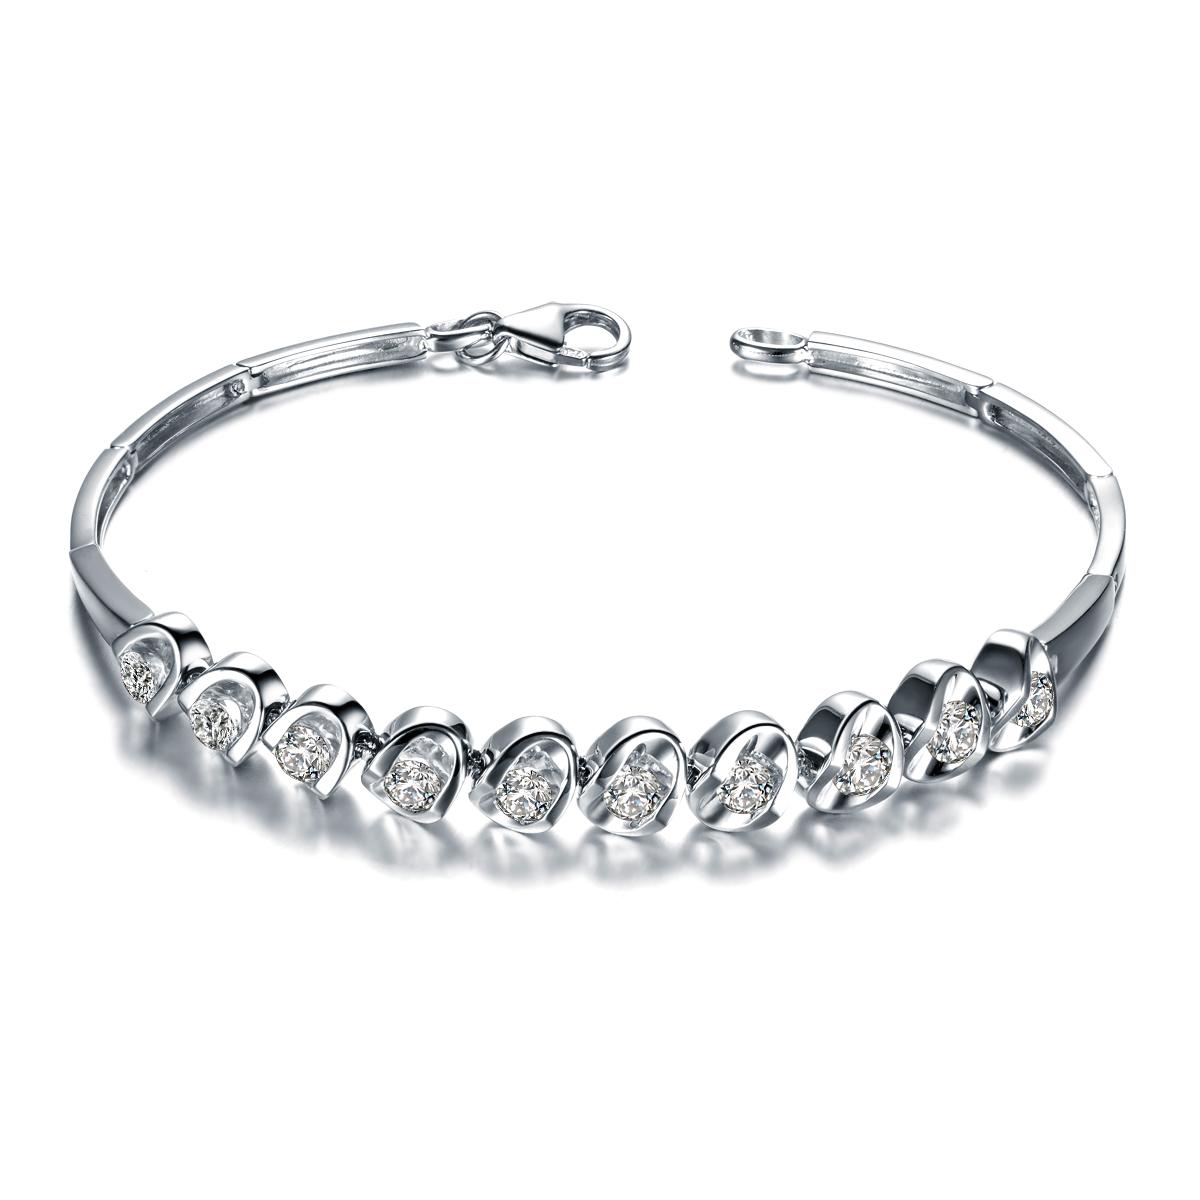 钻石手链,手链,佐卡伊手链,结婚纪念日礼物